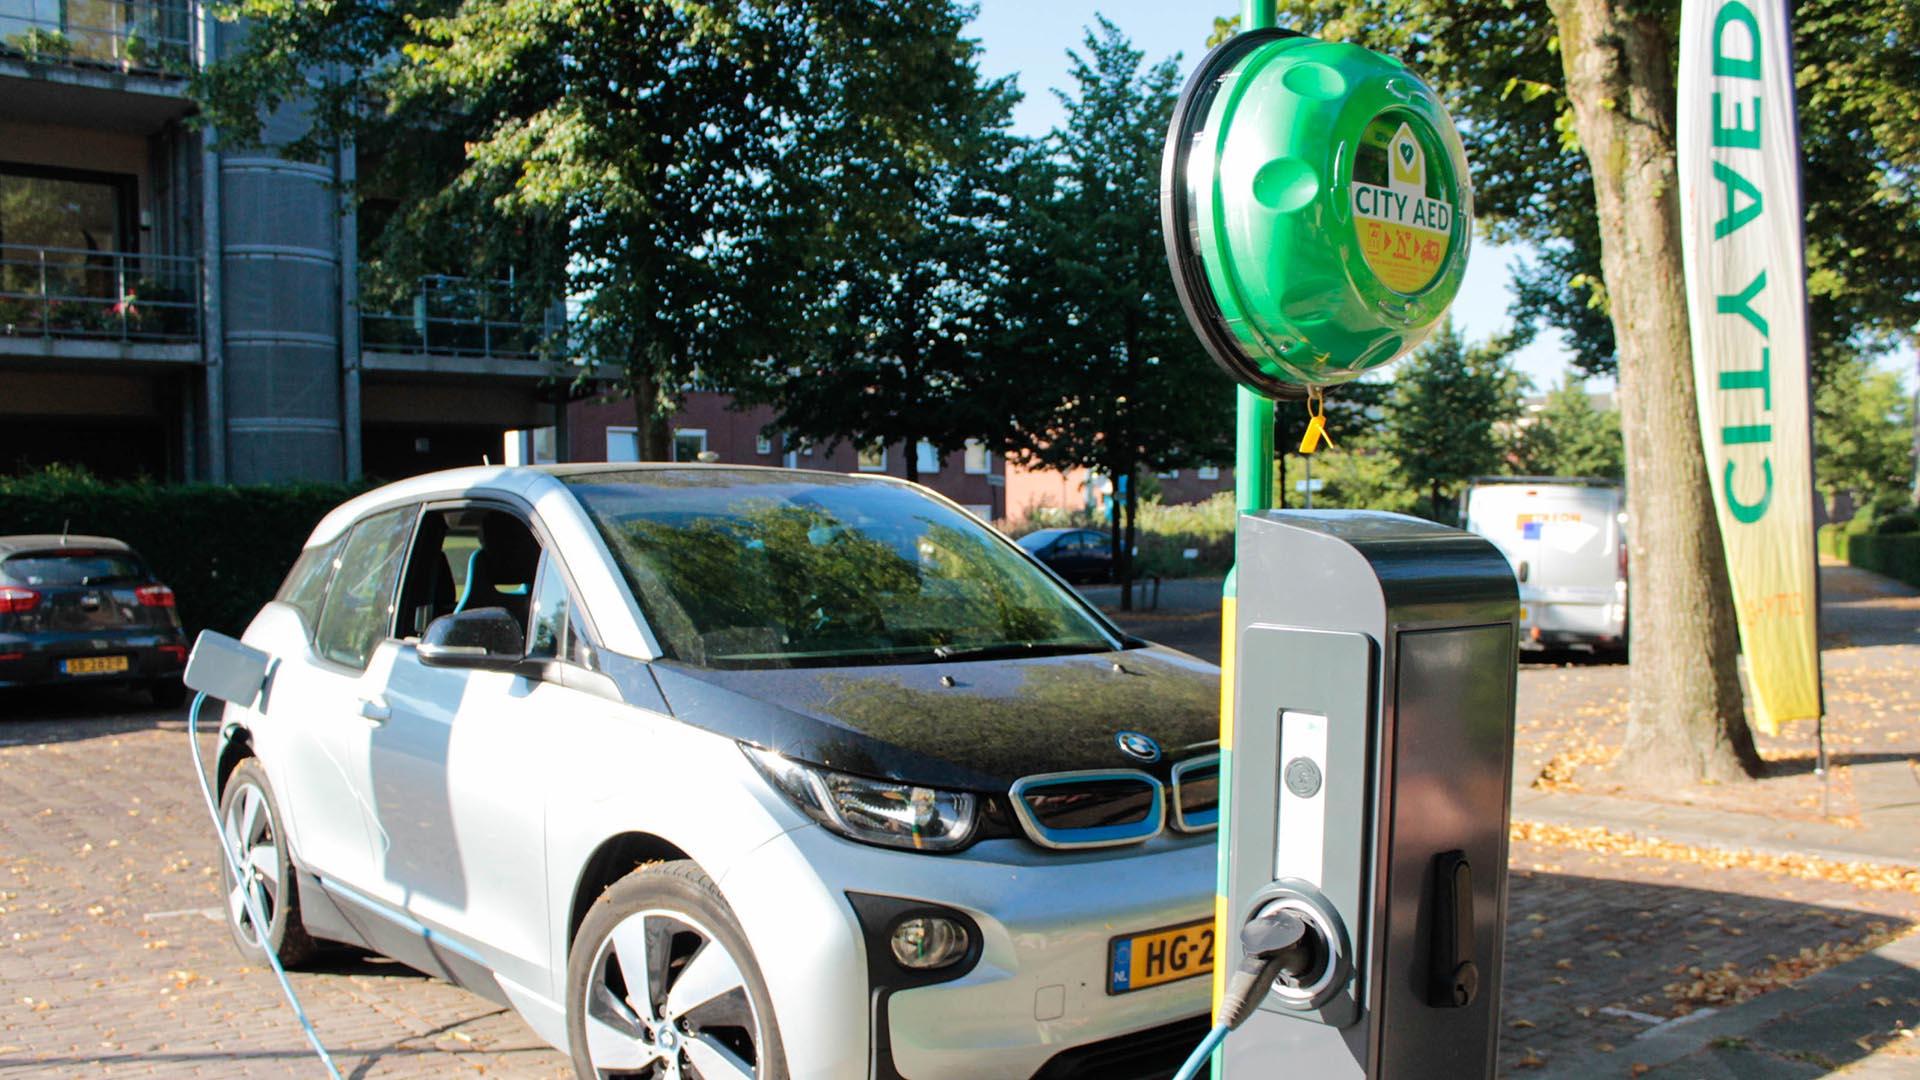 Laadpaal Voor Elektrische Auto S Met Aed Defibrillator Leaseblog Nl